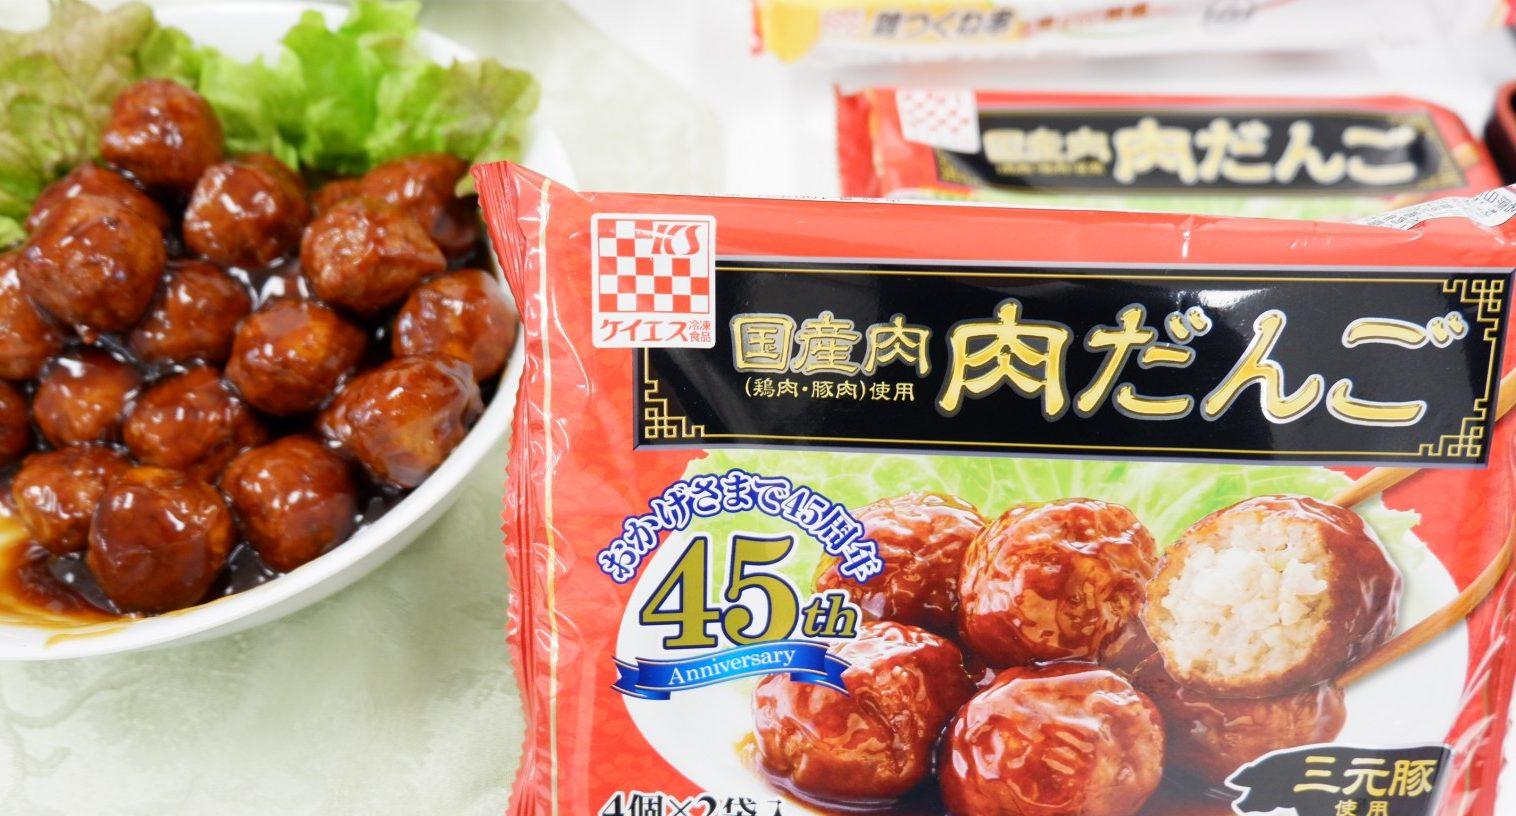 「肉だんご」発売45周年で生まれ変わります